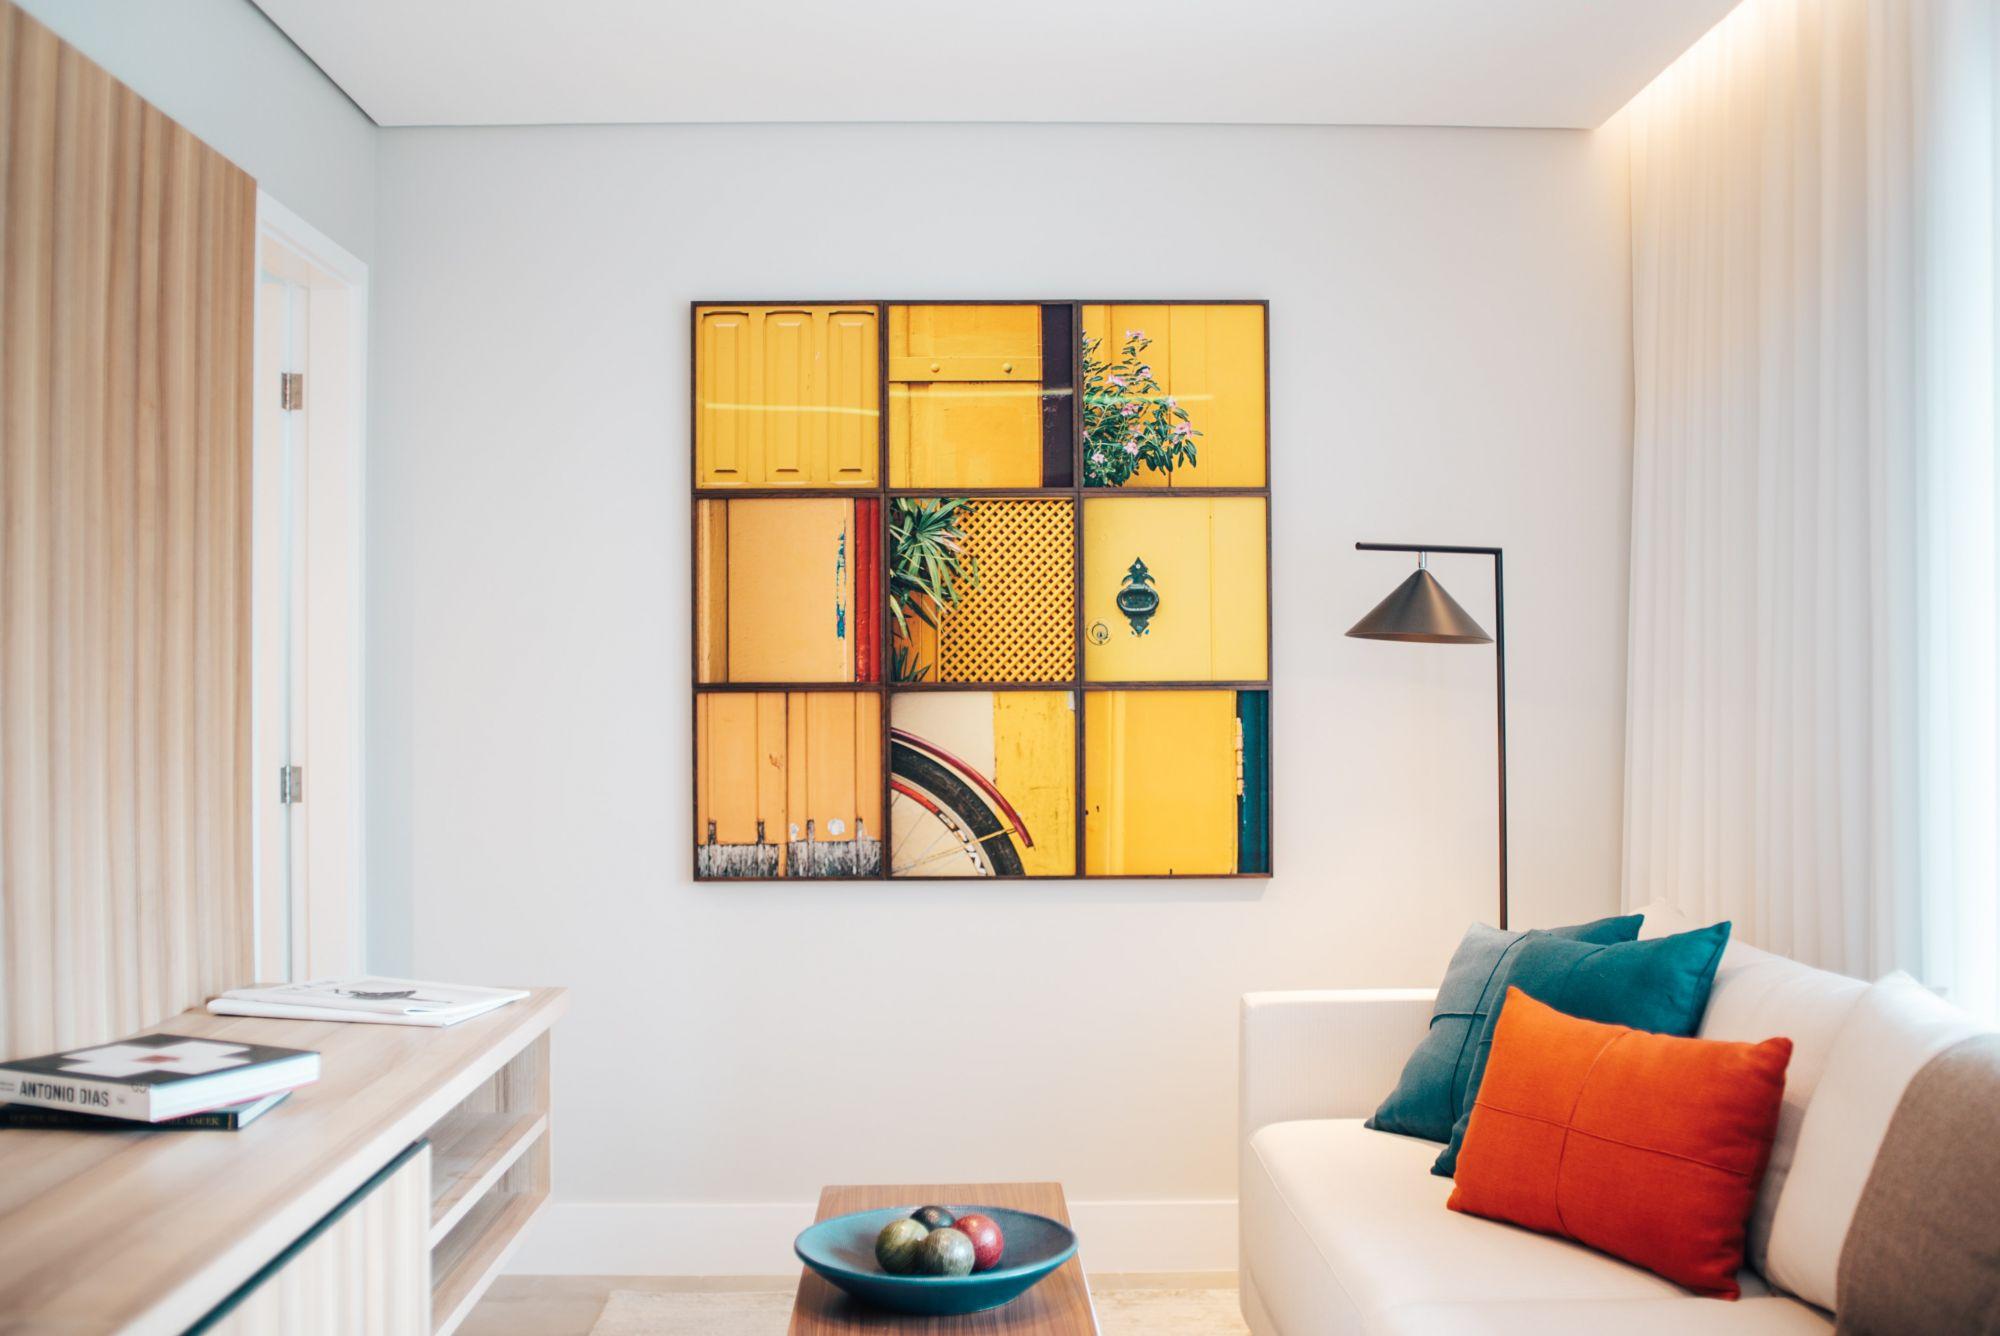 Quali dimensioni deve avere un quadro in casa